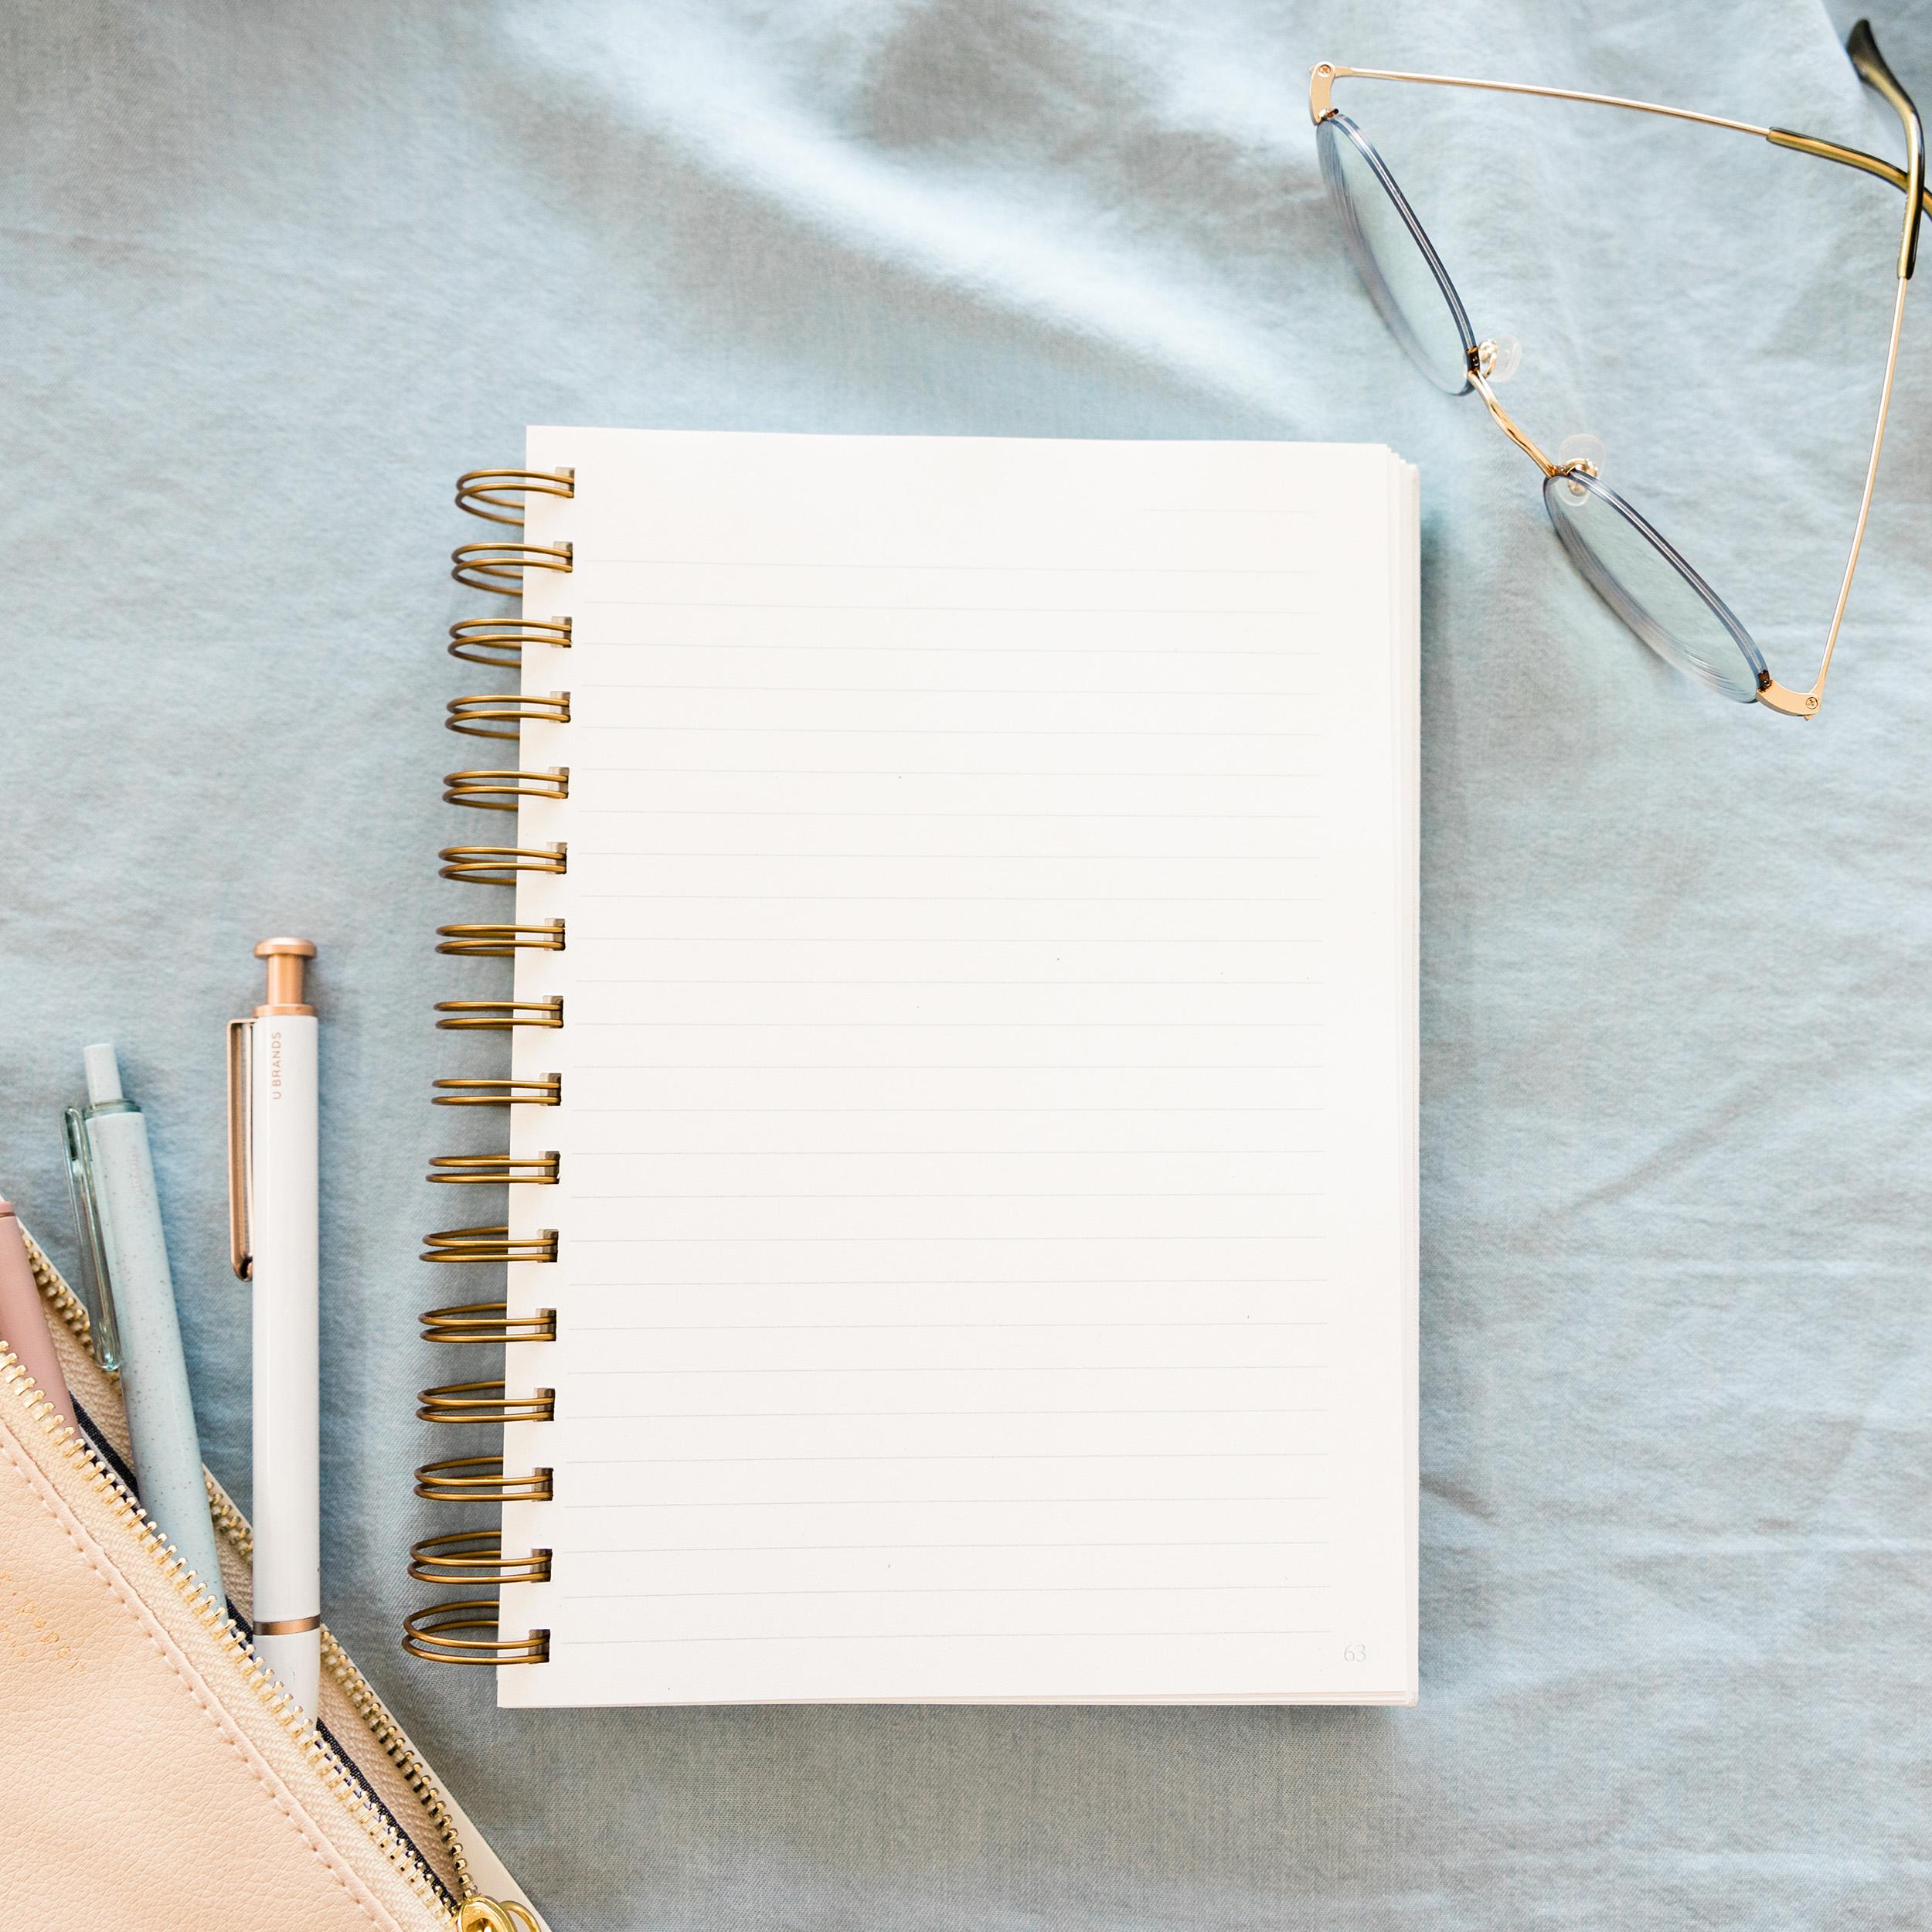 Diary Entry #23